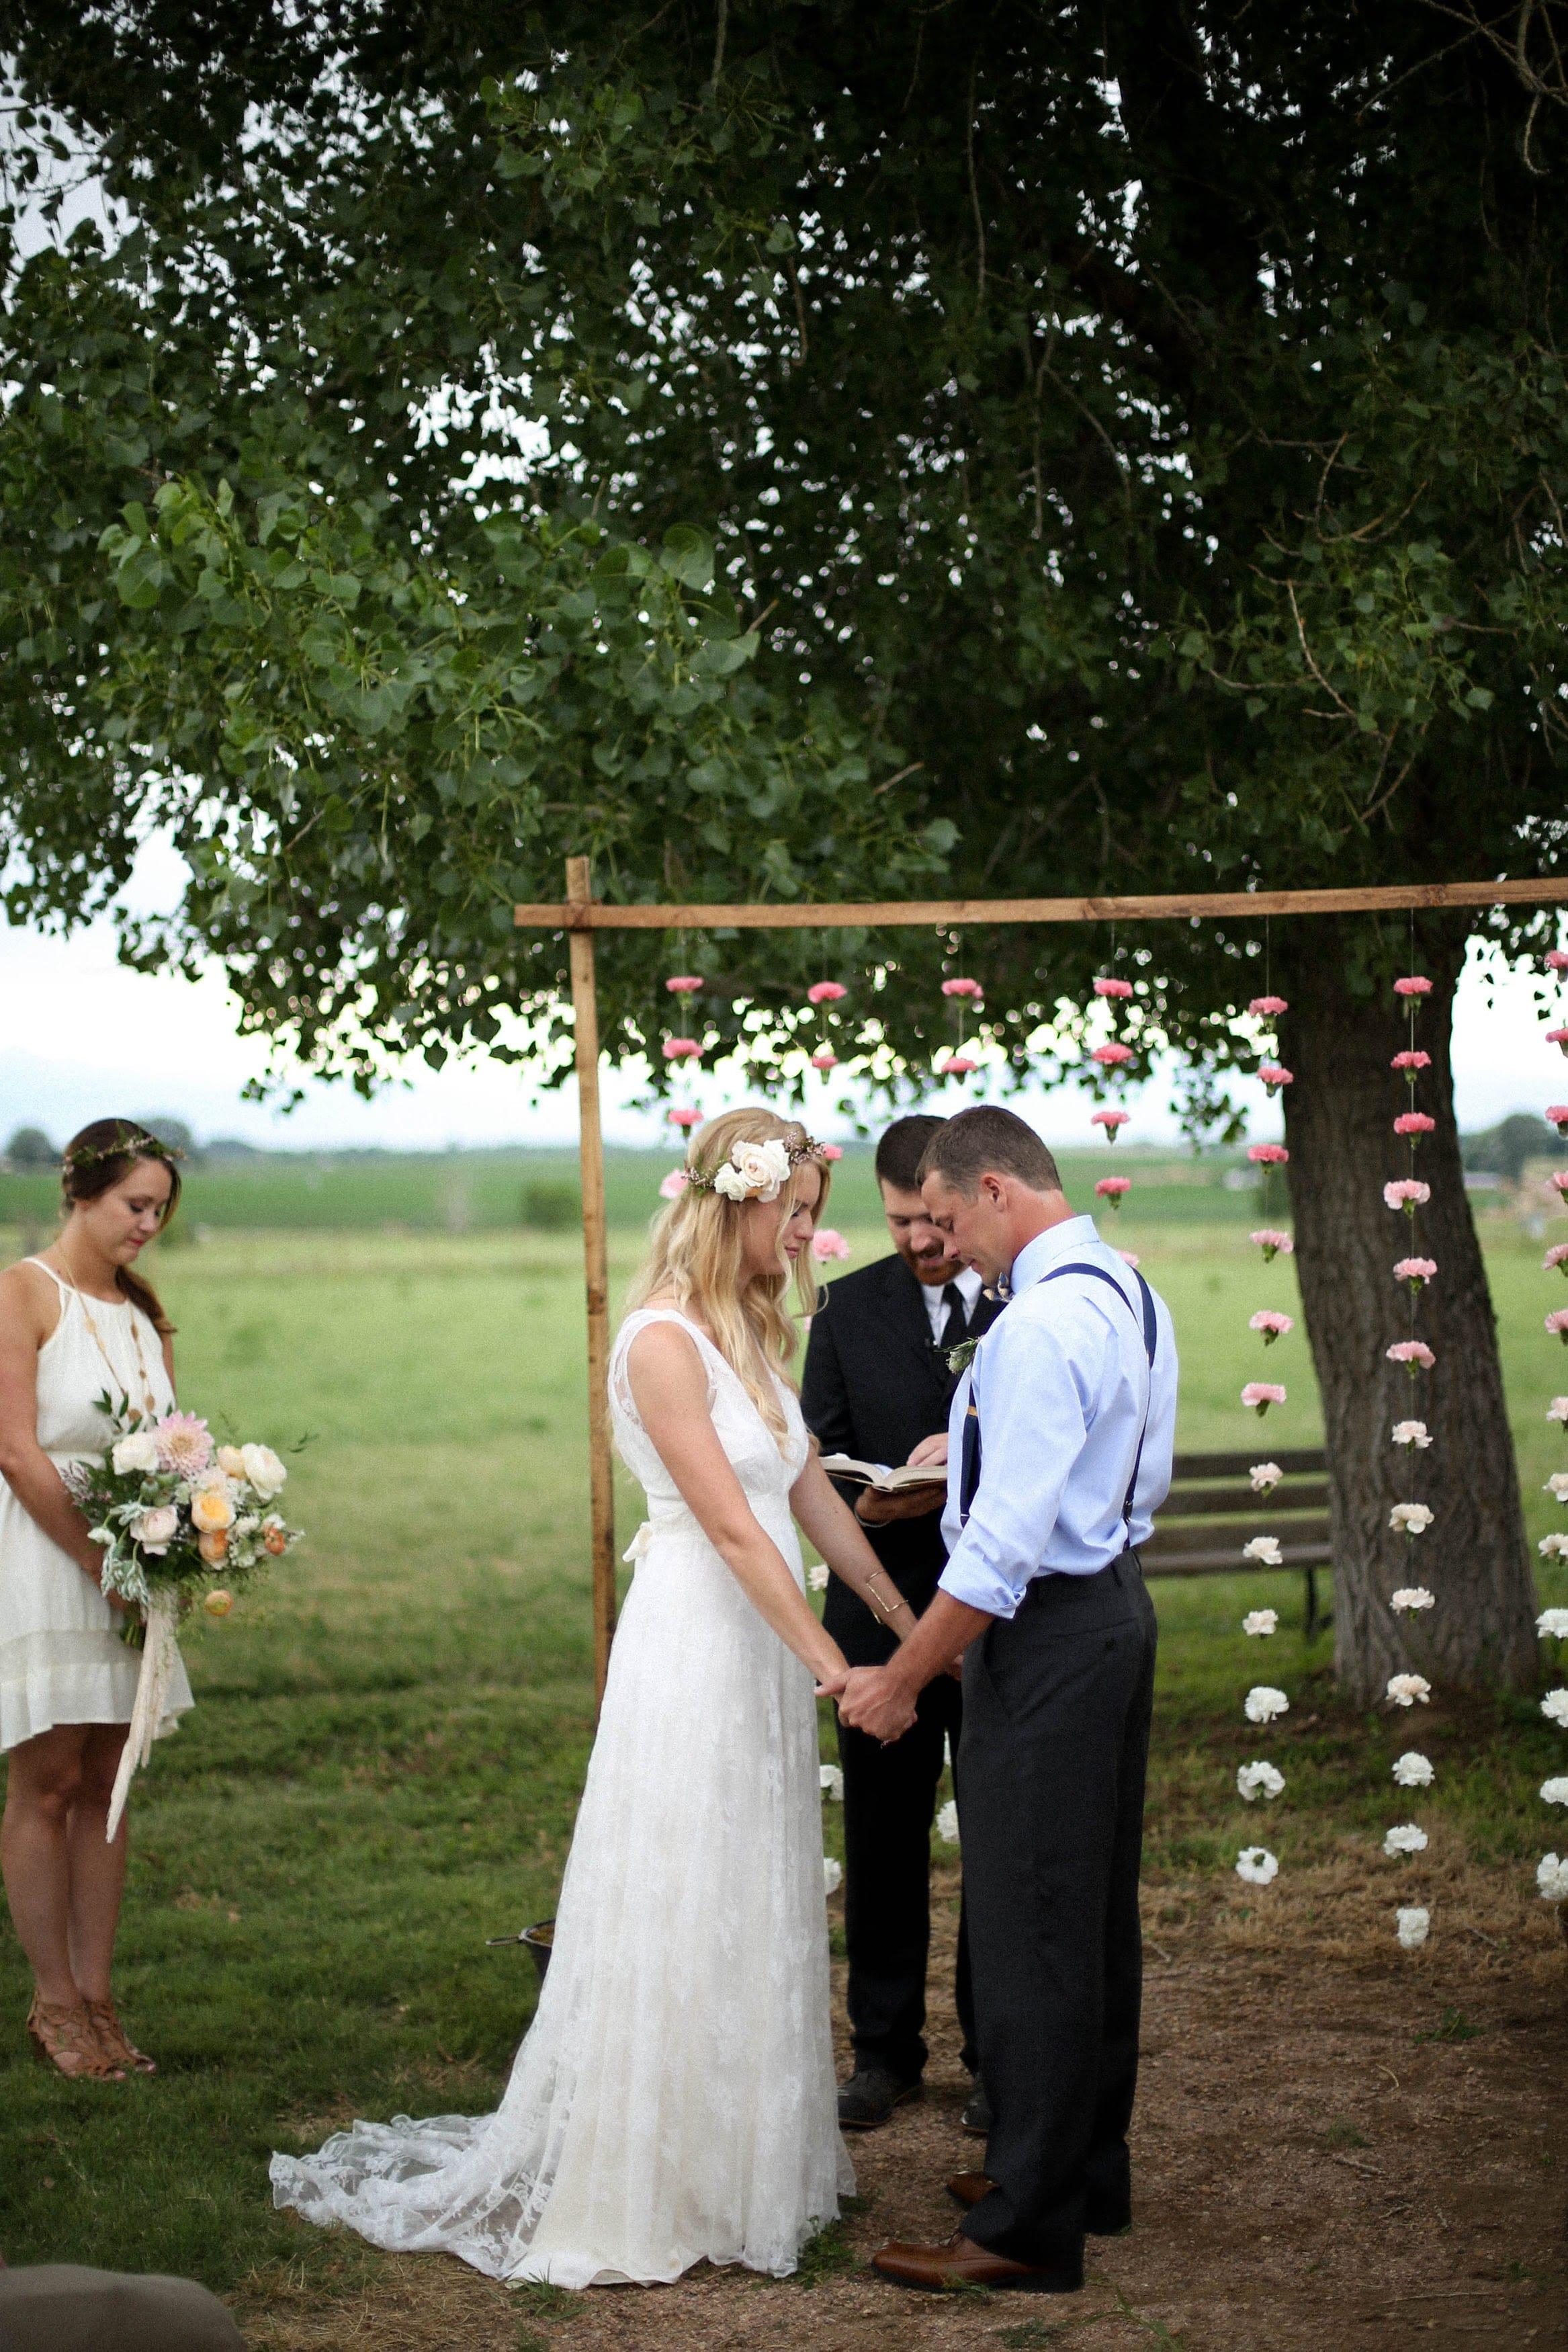 Wedding Day Floral Arch